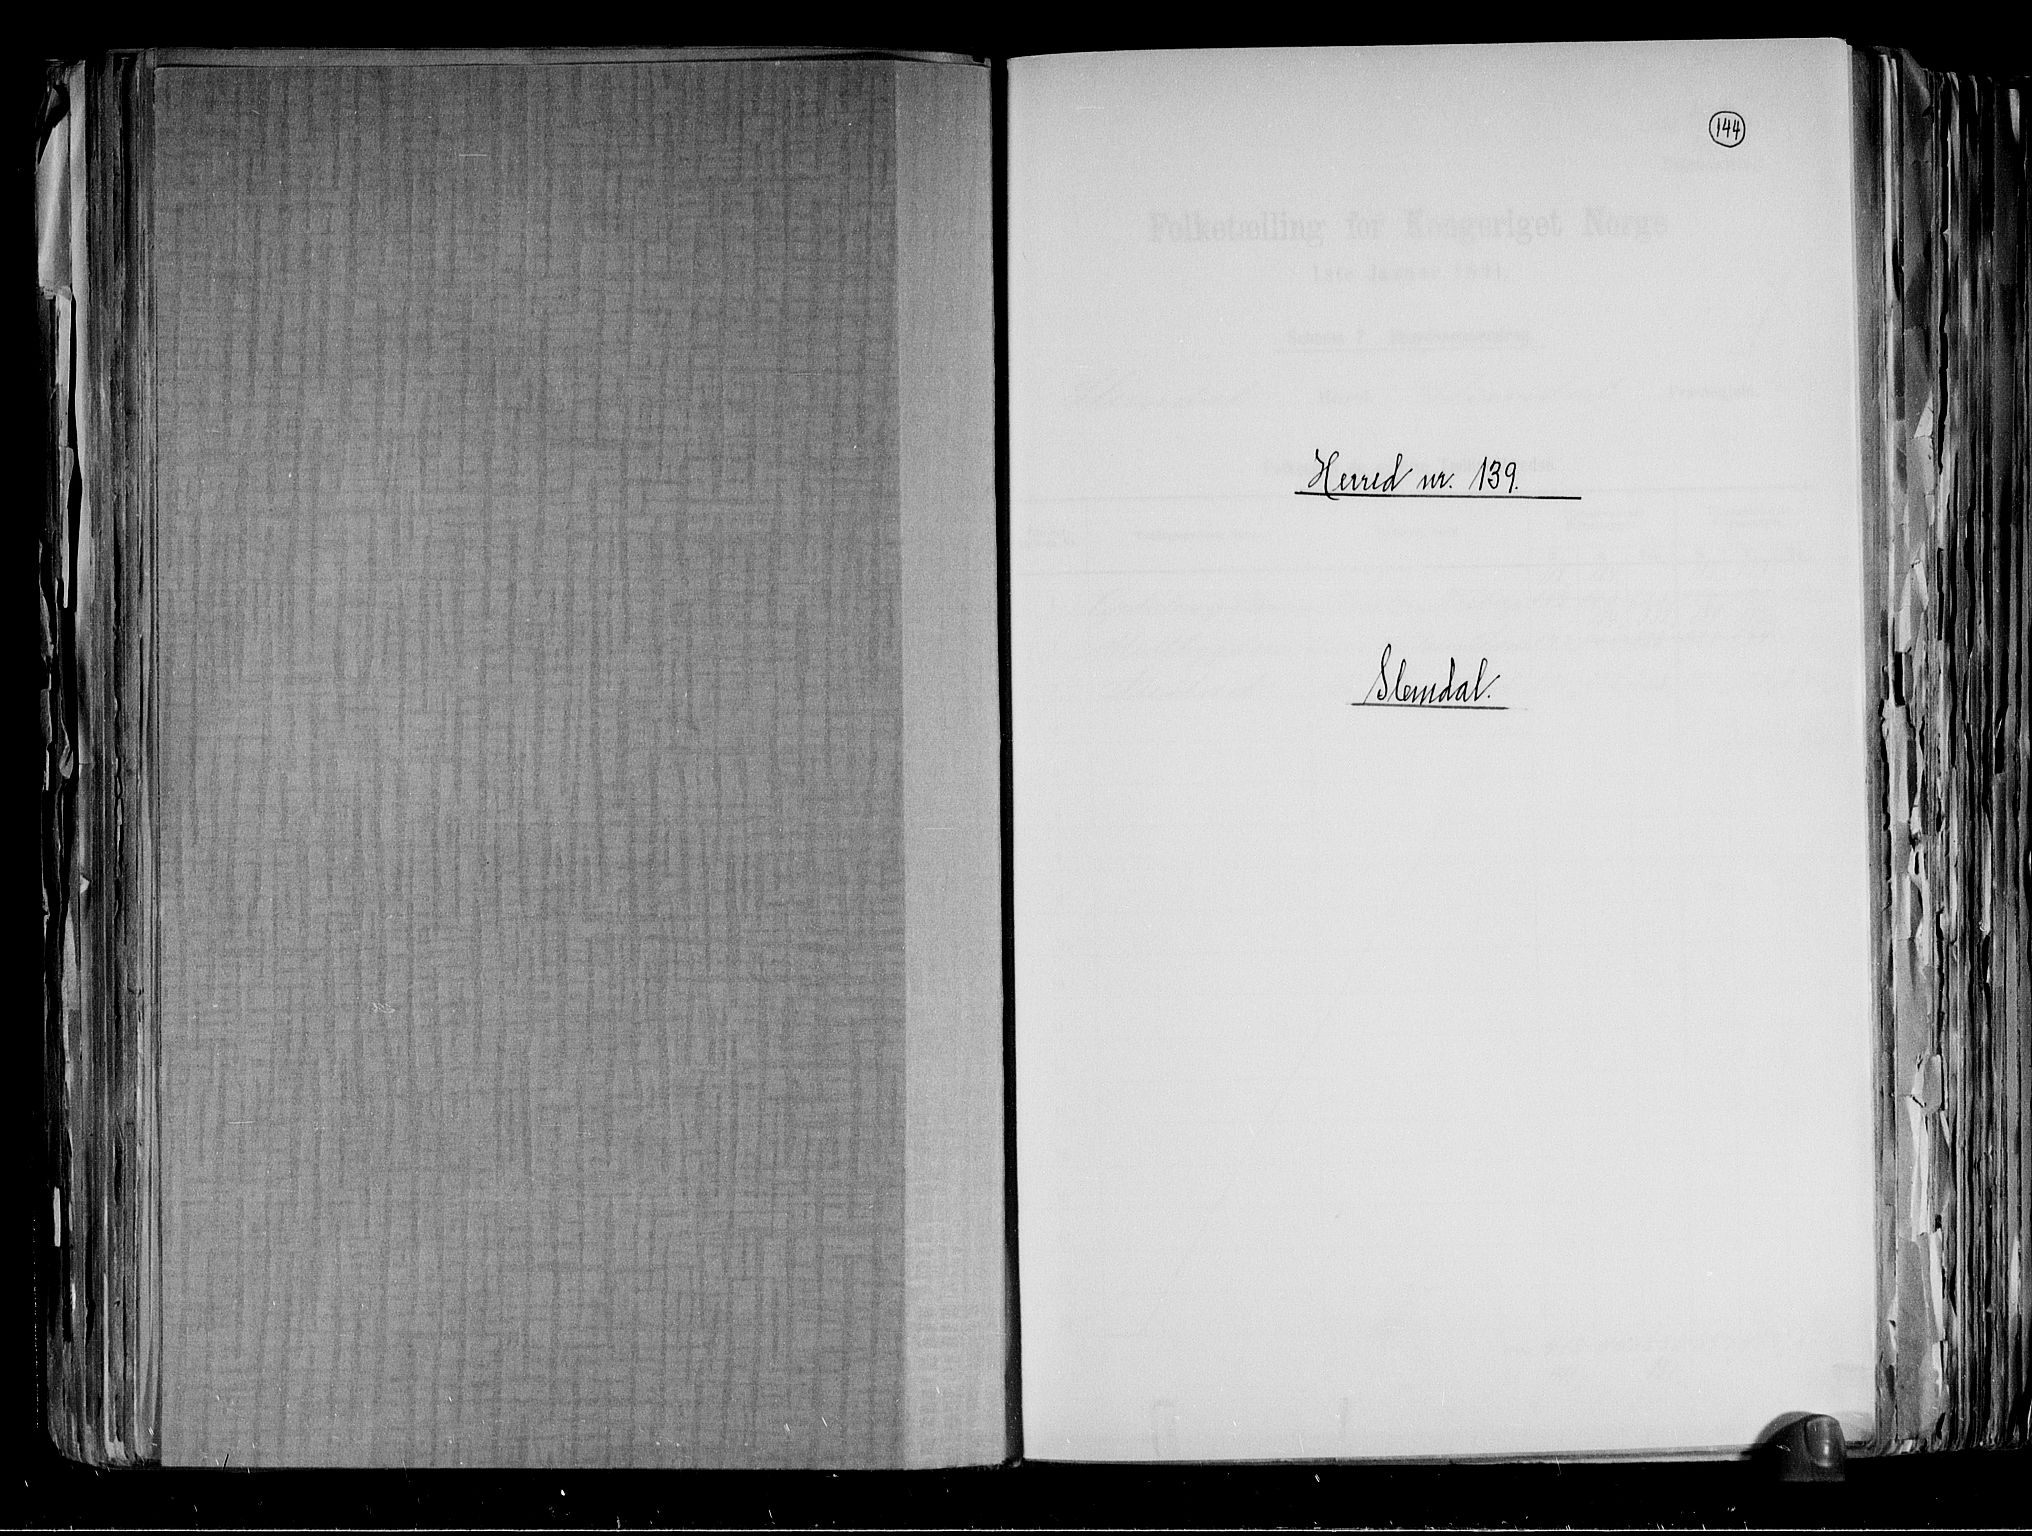 RA, Folketelling 1891 for 0811 Slemdal herred, 1891, s. 1